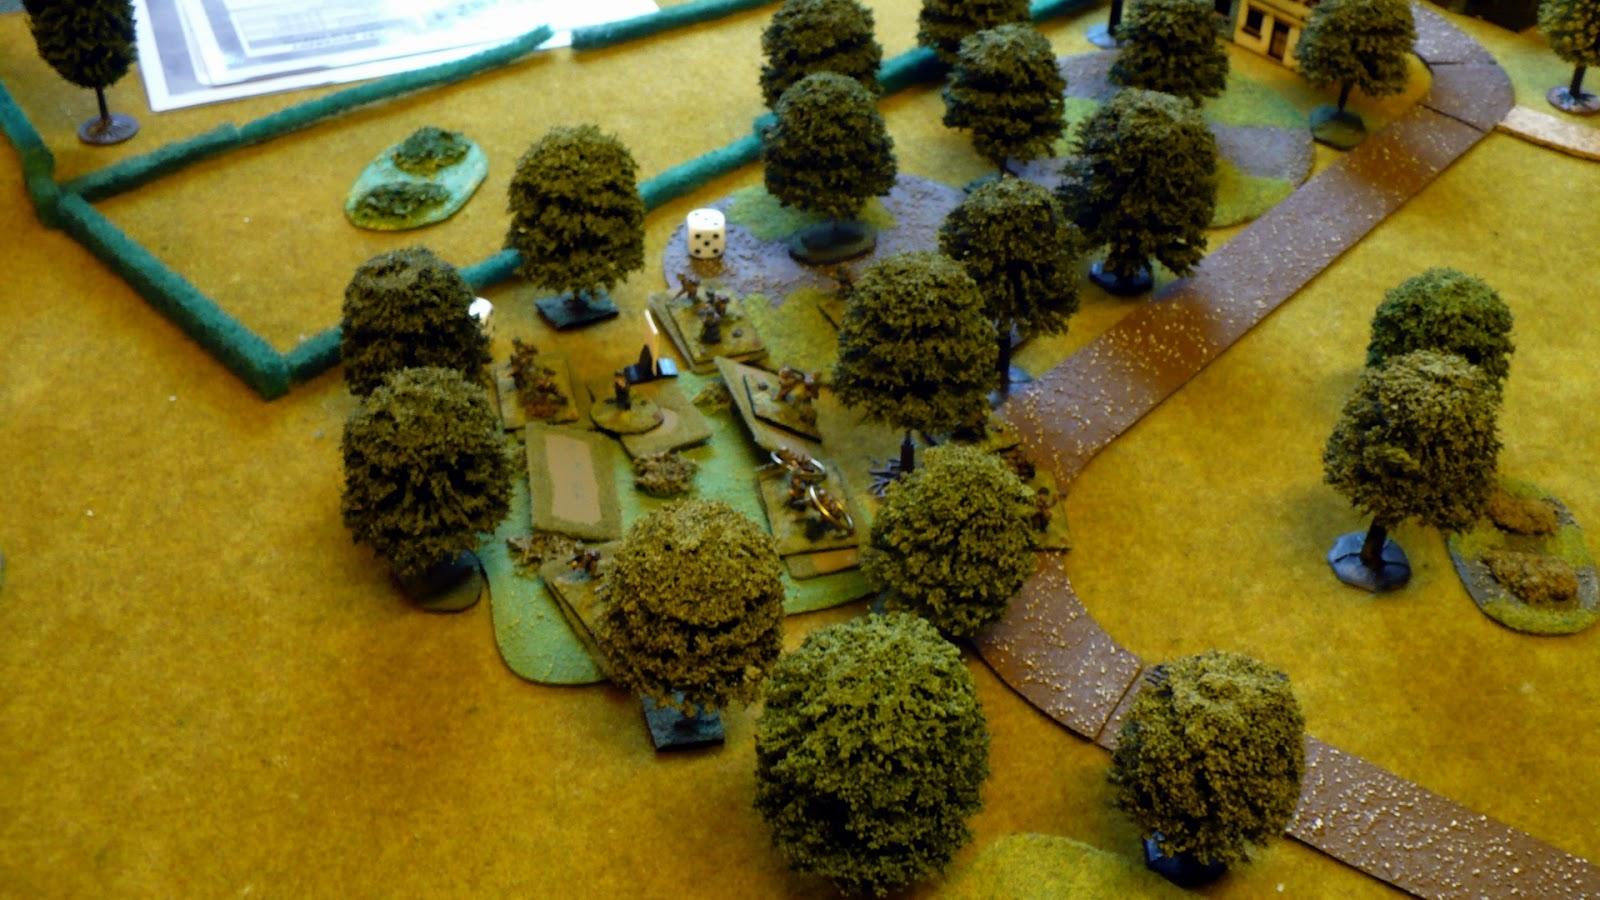 German Platoon deploys (note in depth as per Blinds)